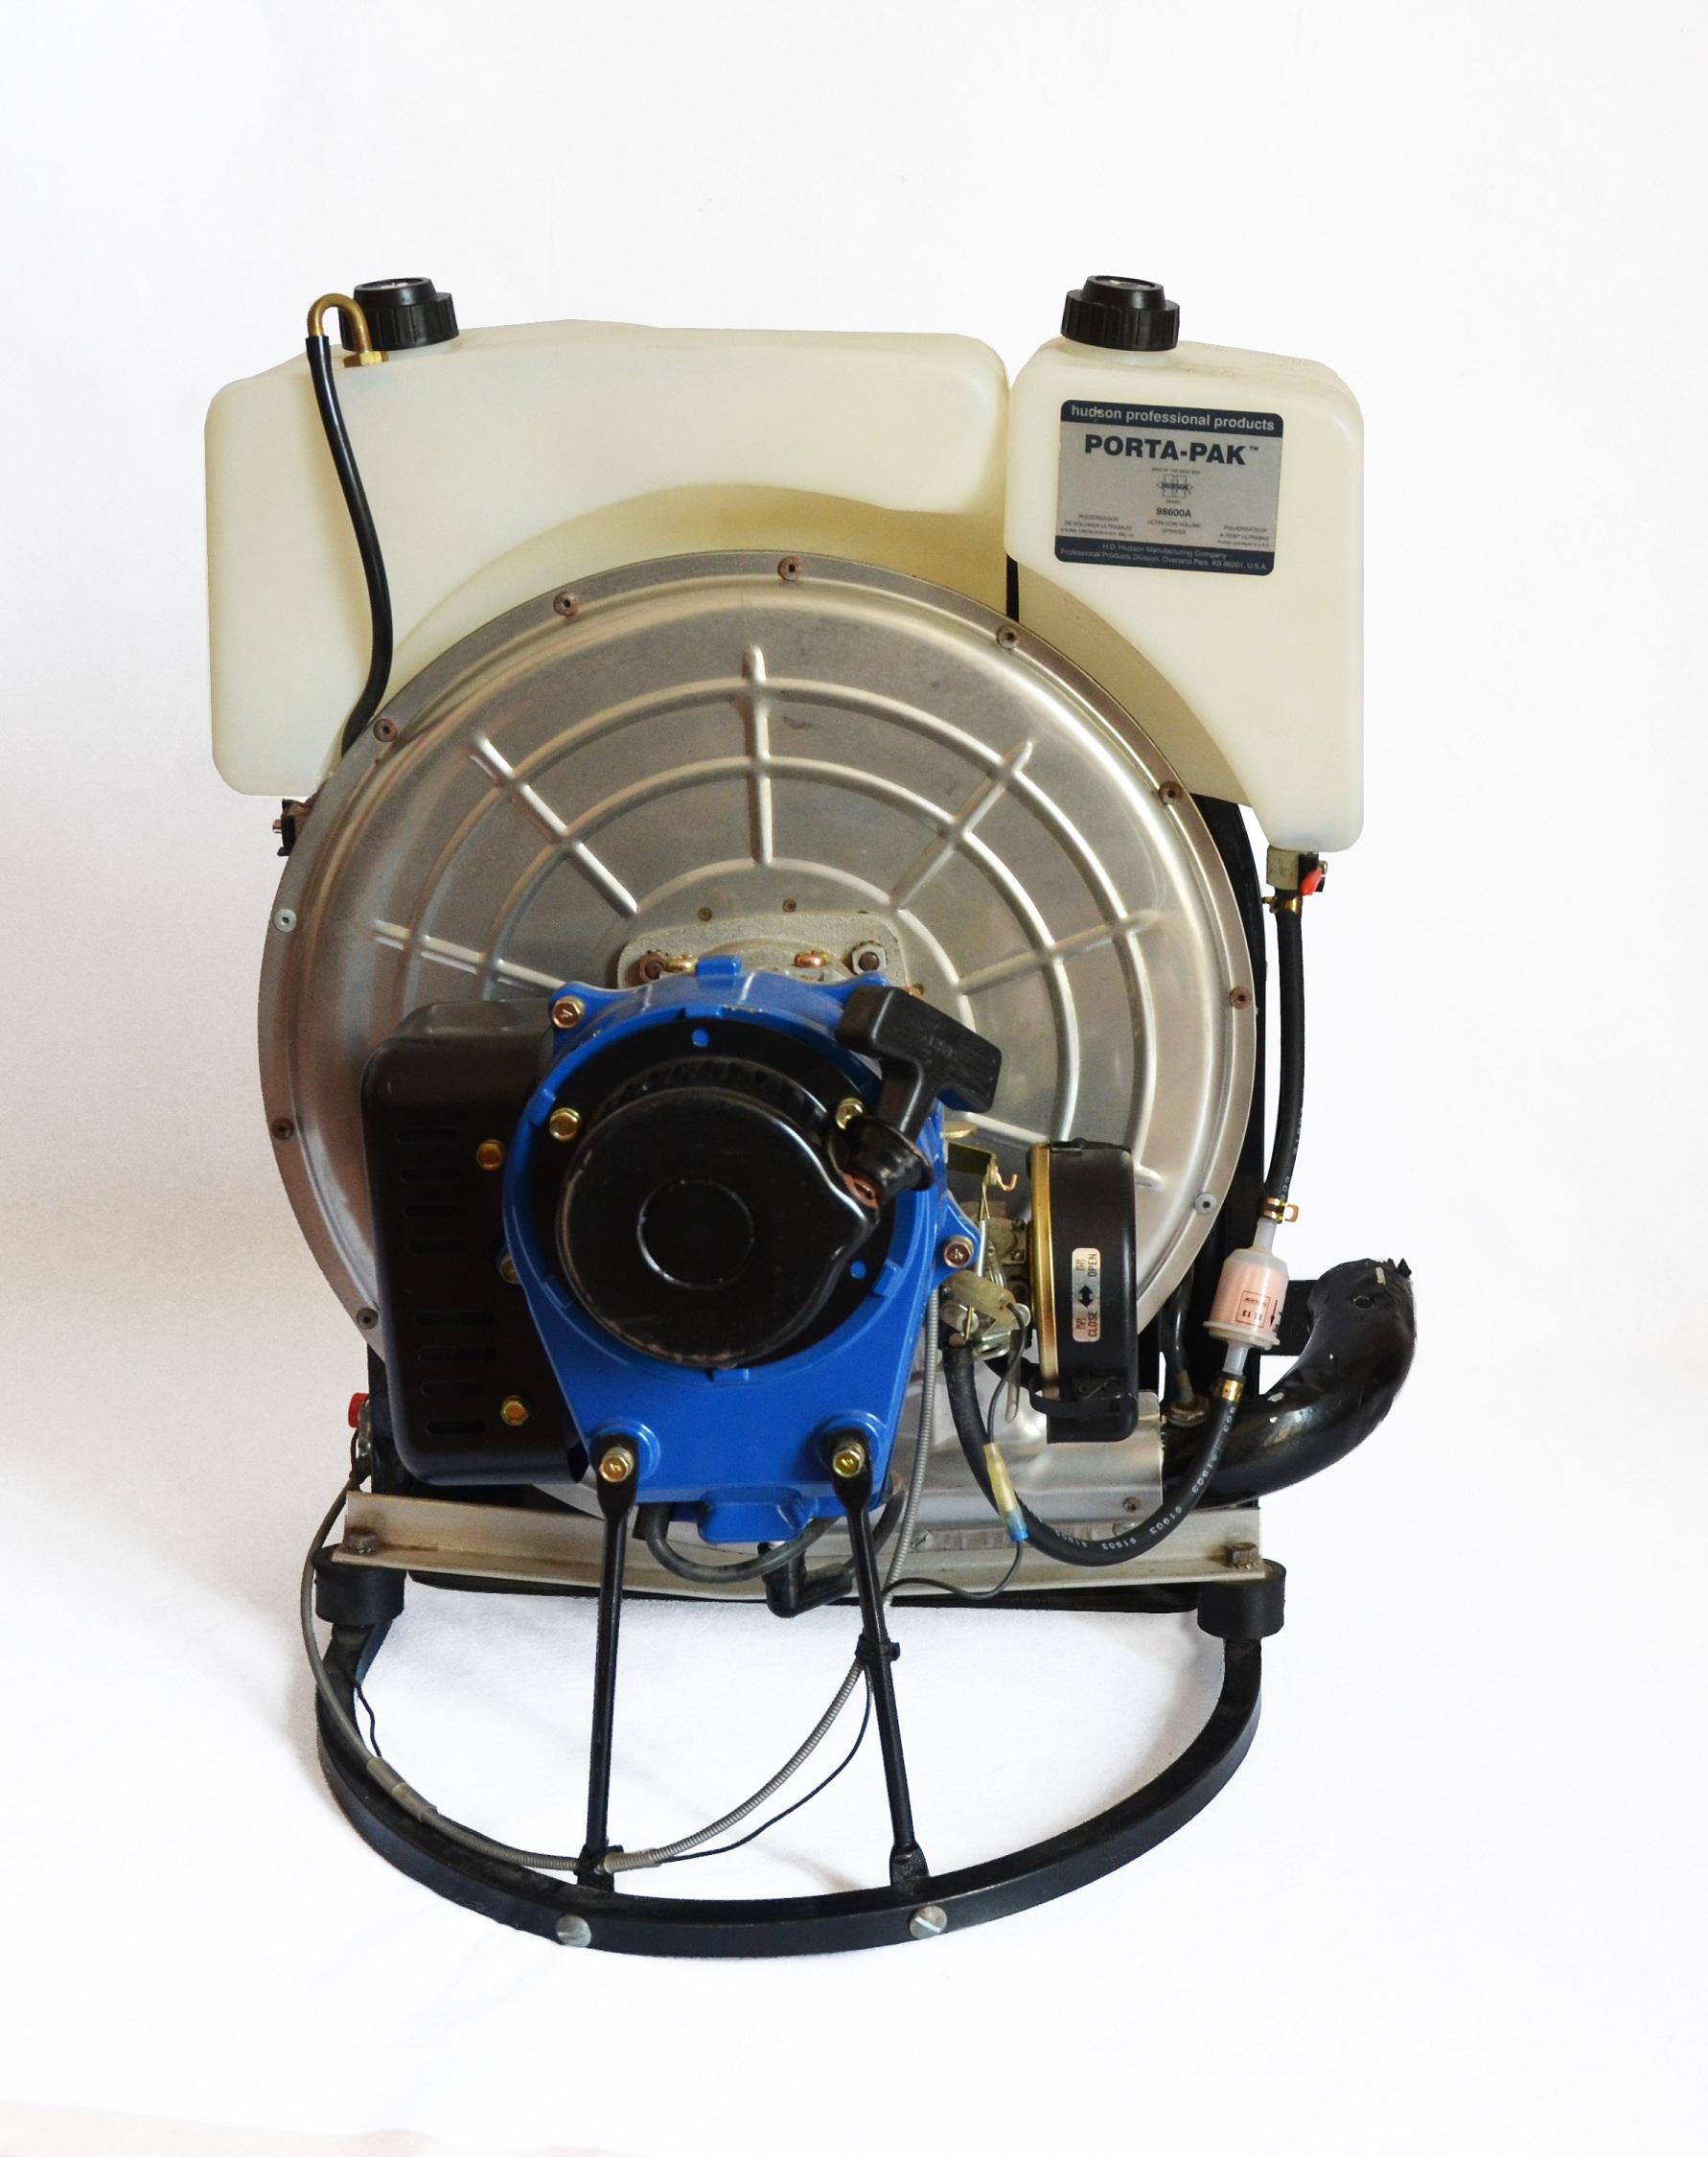 背负式机动超微粒雾化喷雾器 98600A